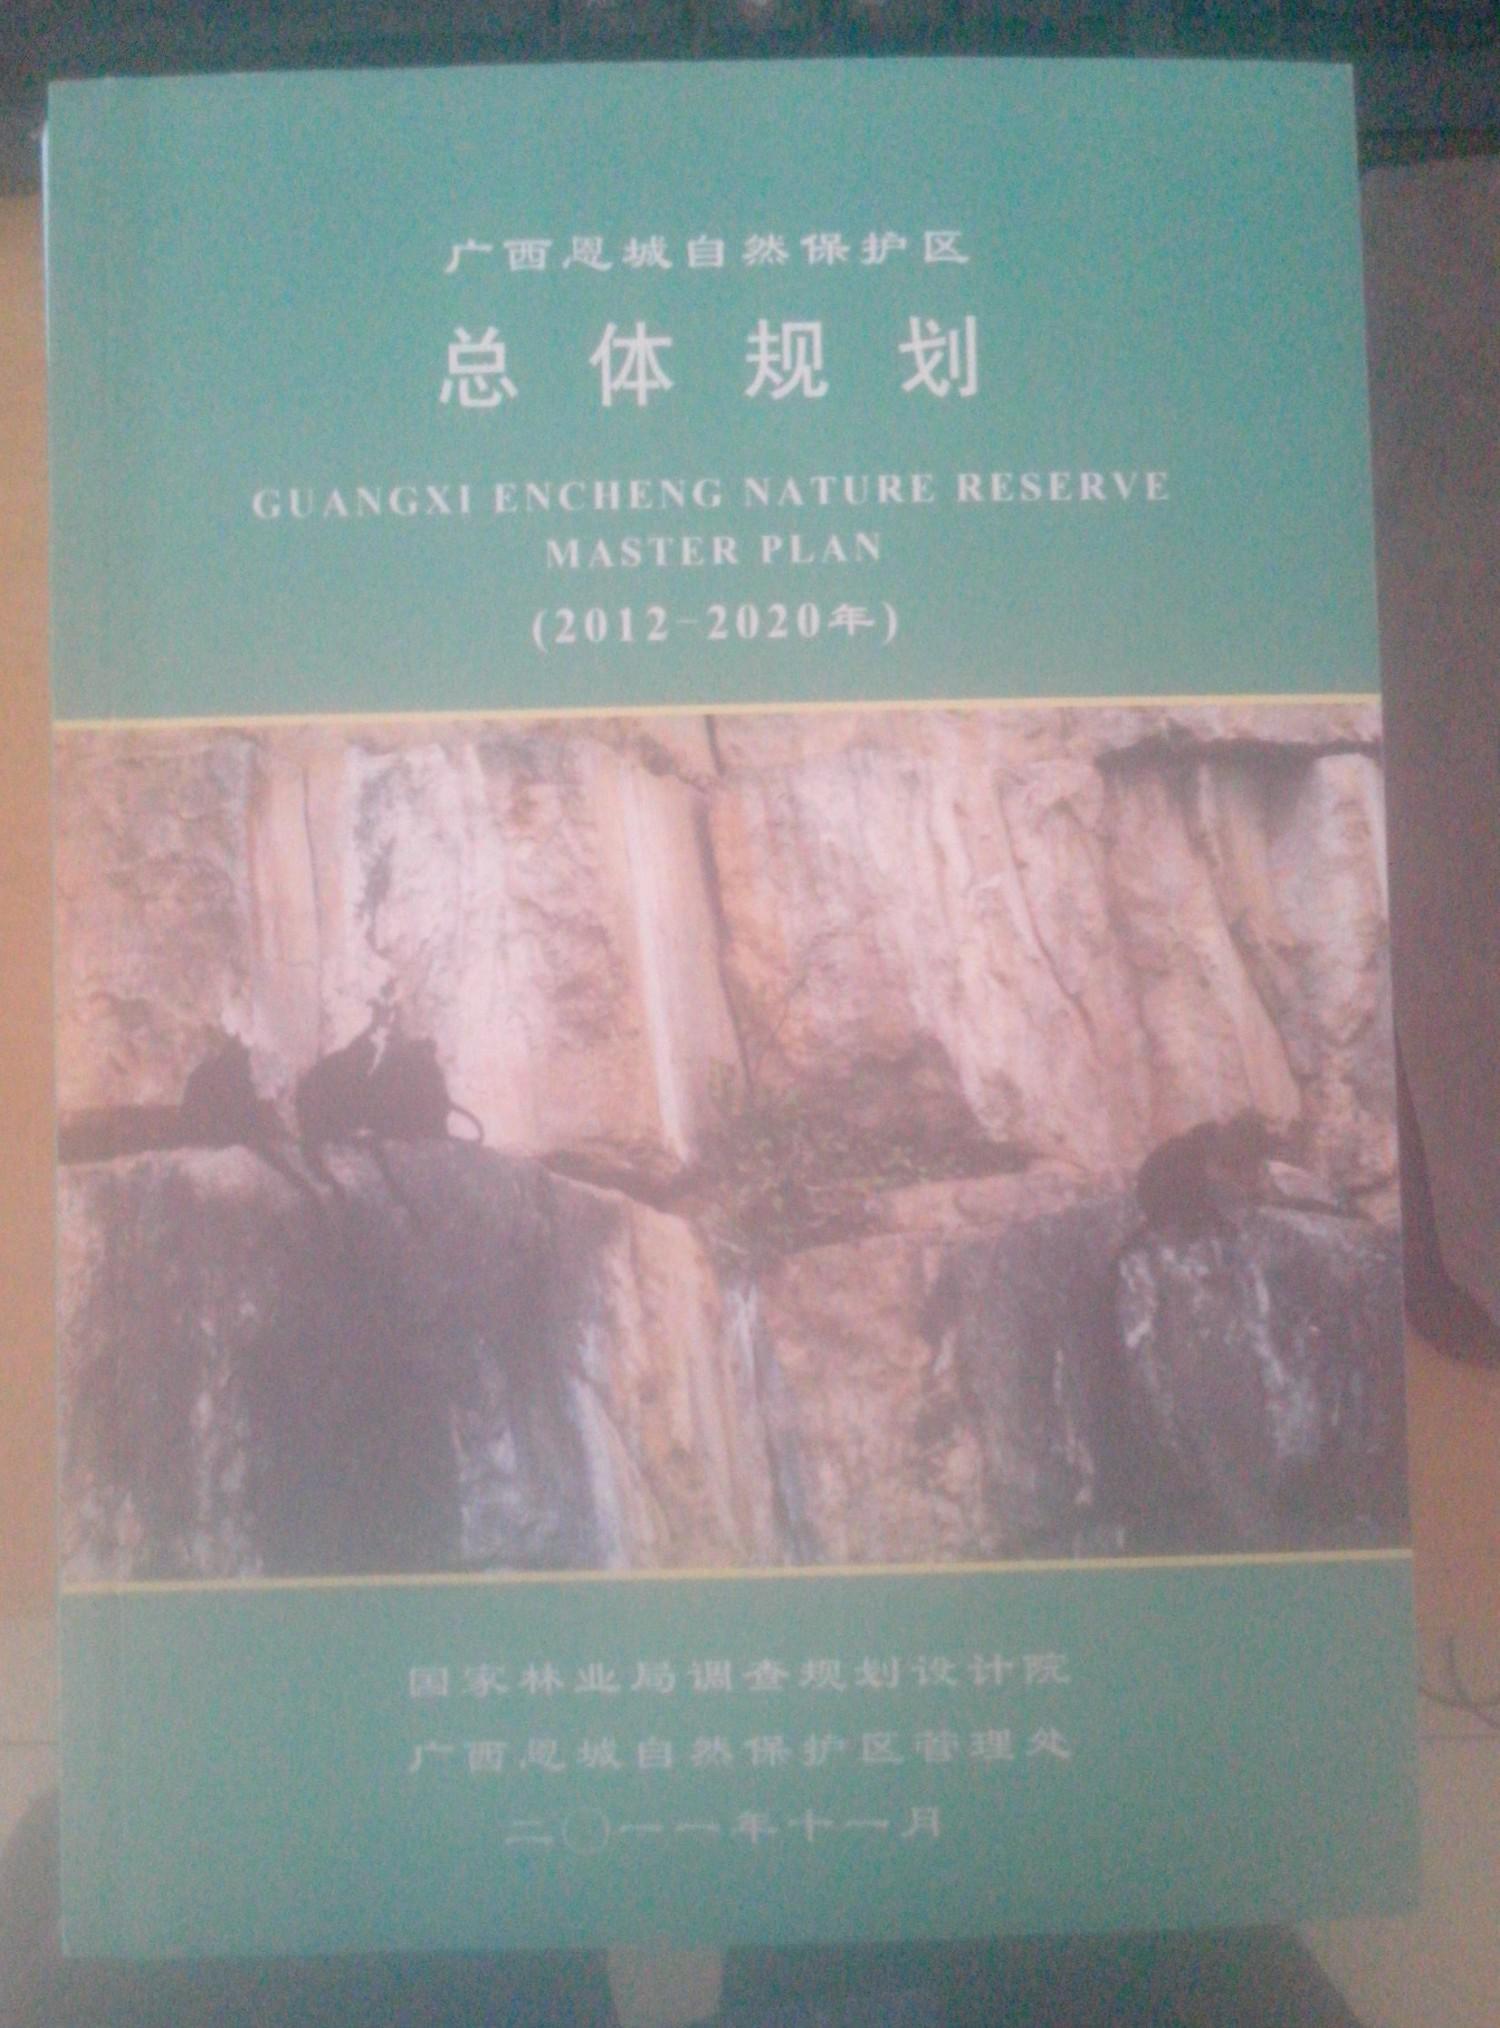 广西恩城自然保护区总体规划2012-2020